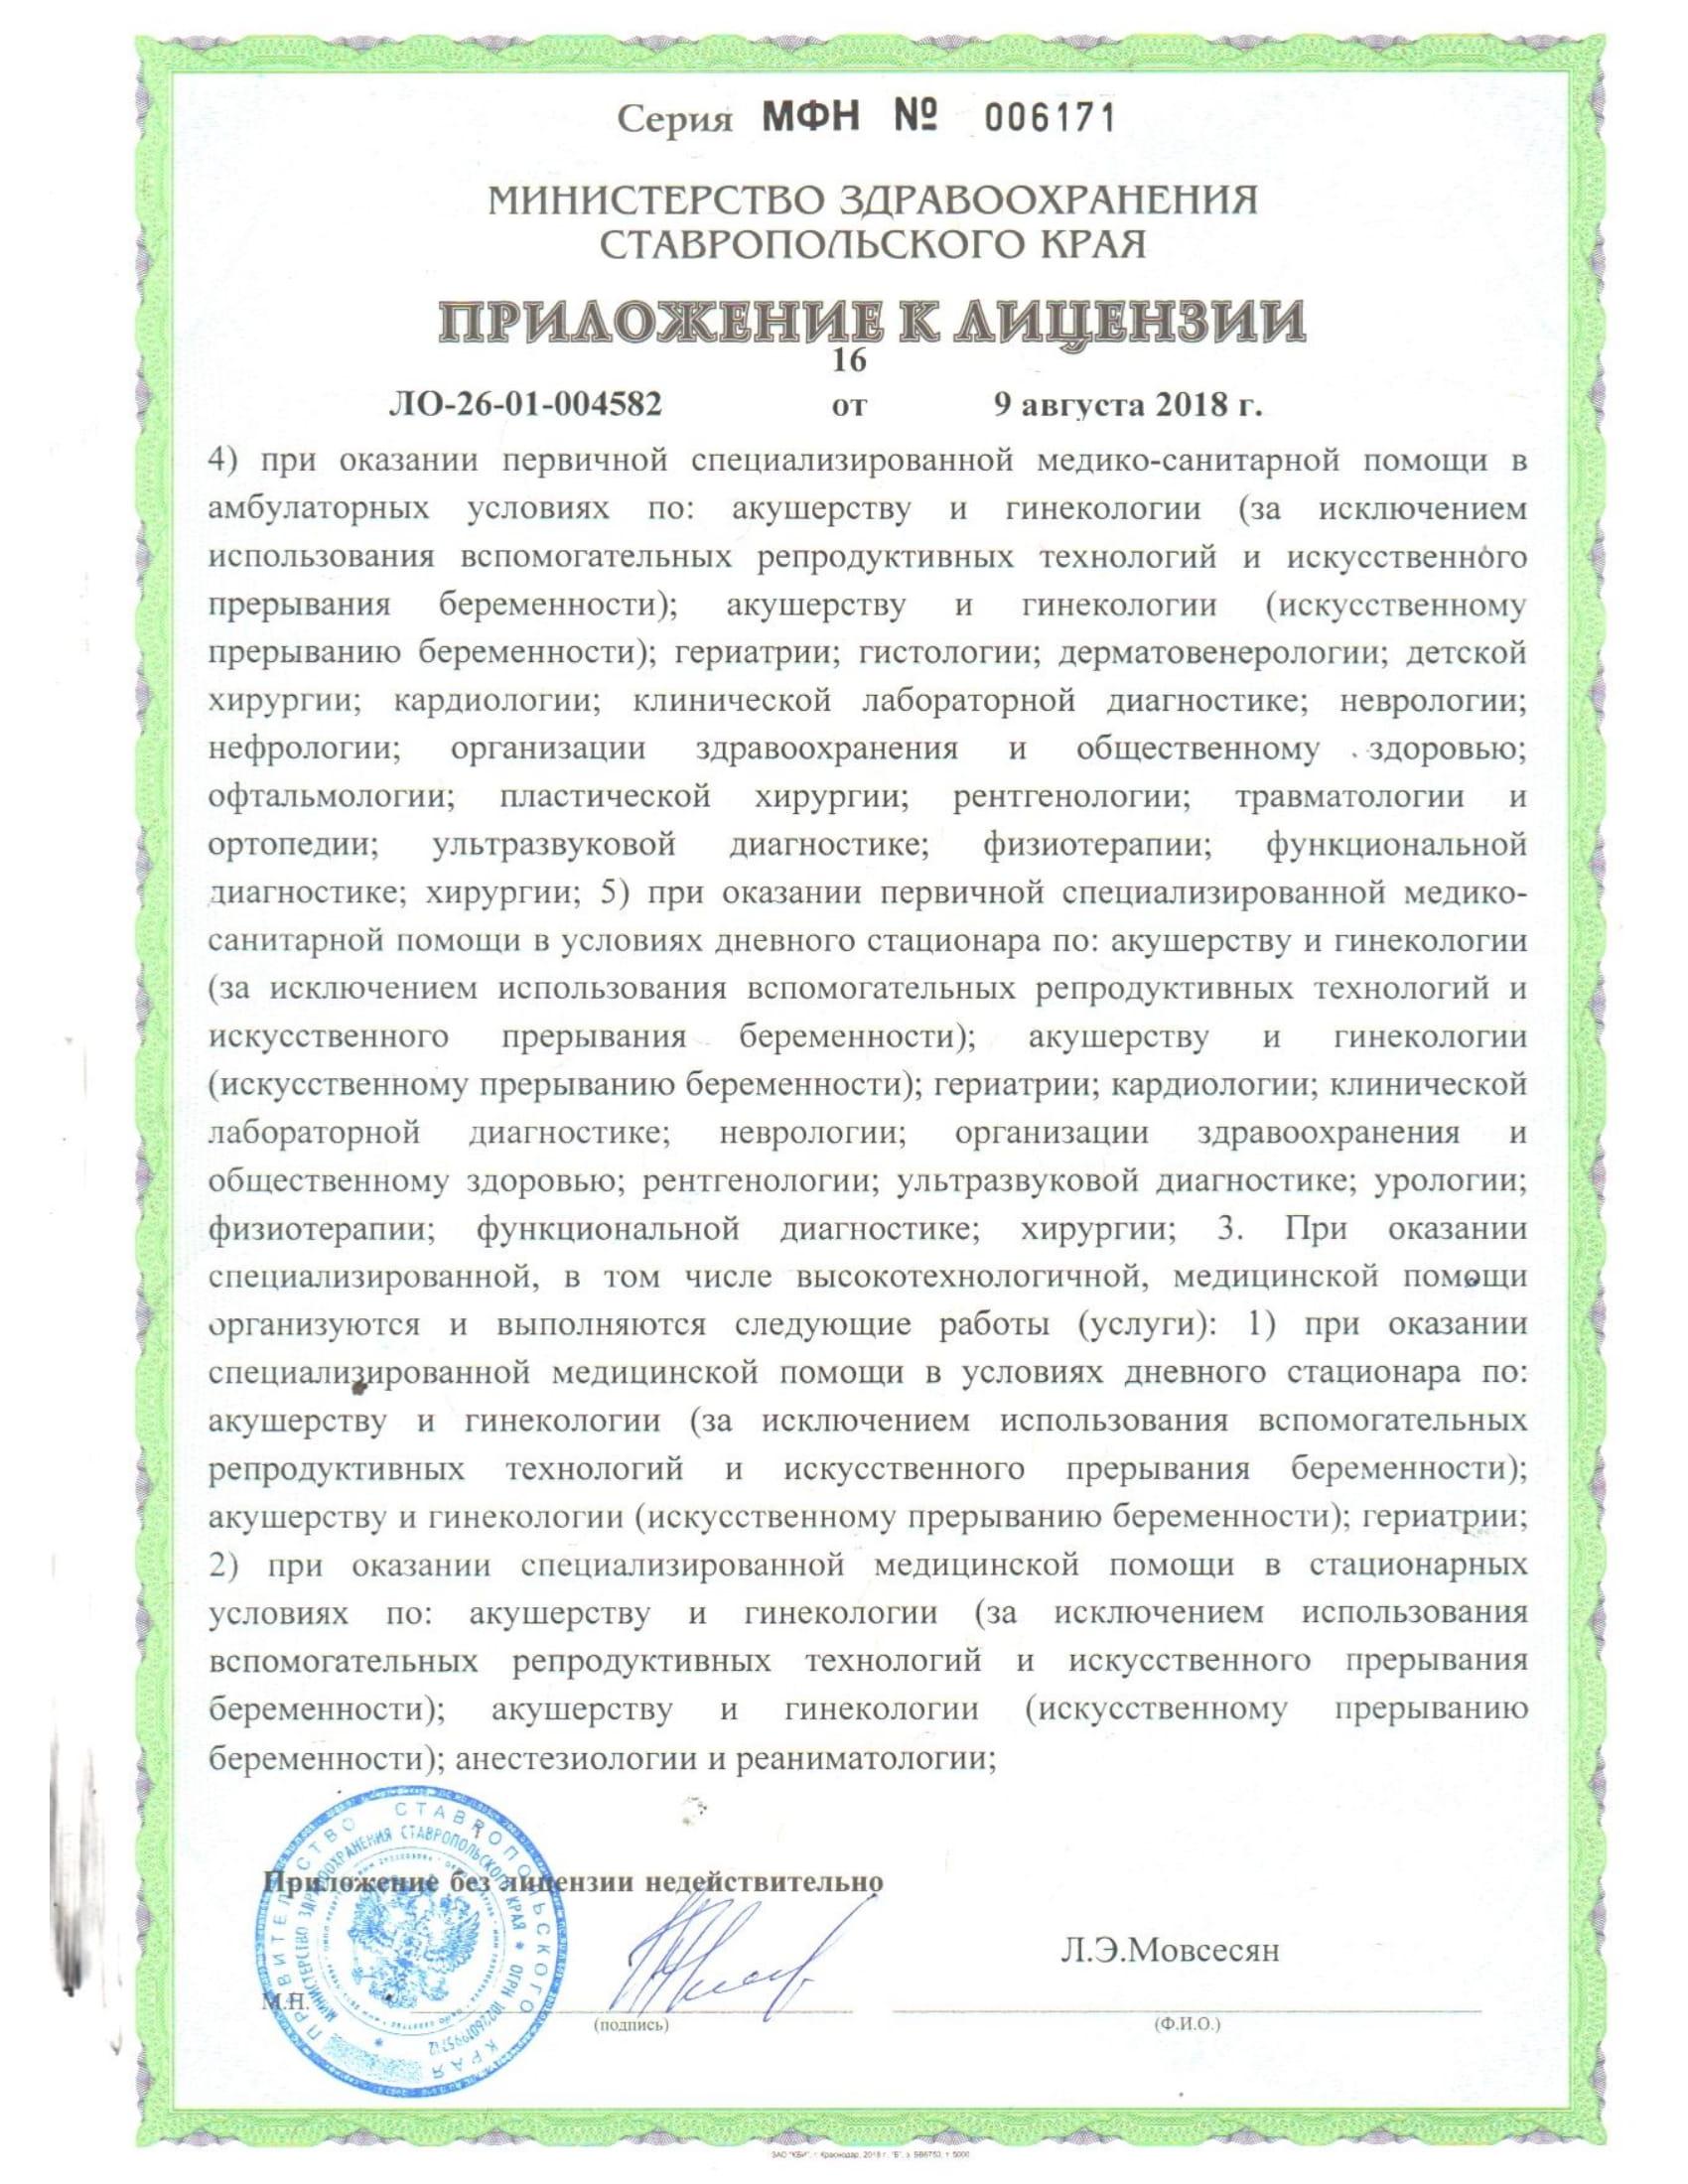 лицензия 2018 от 09.08.2018-21